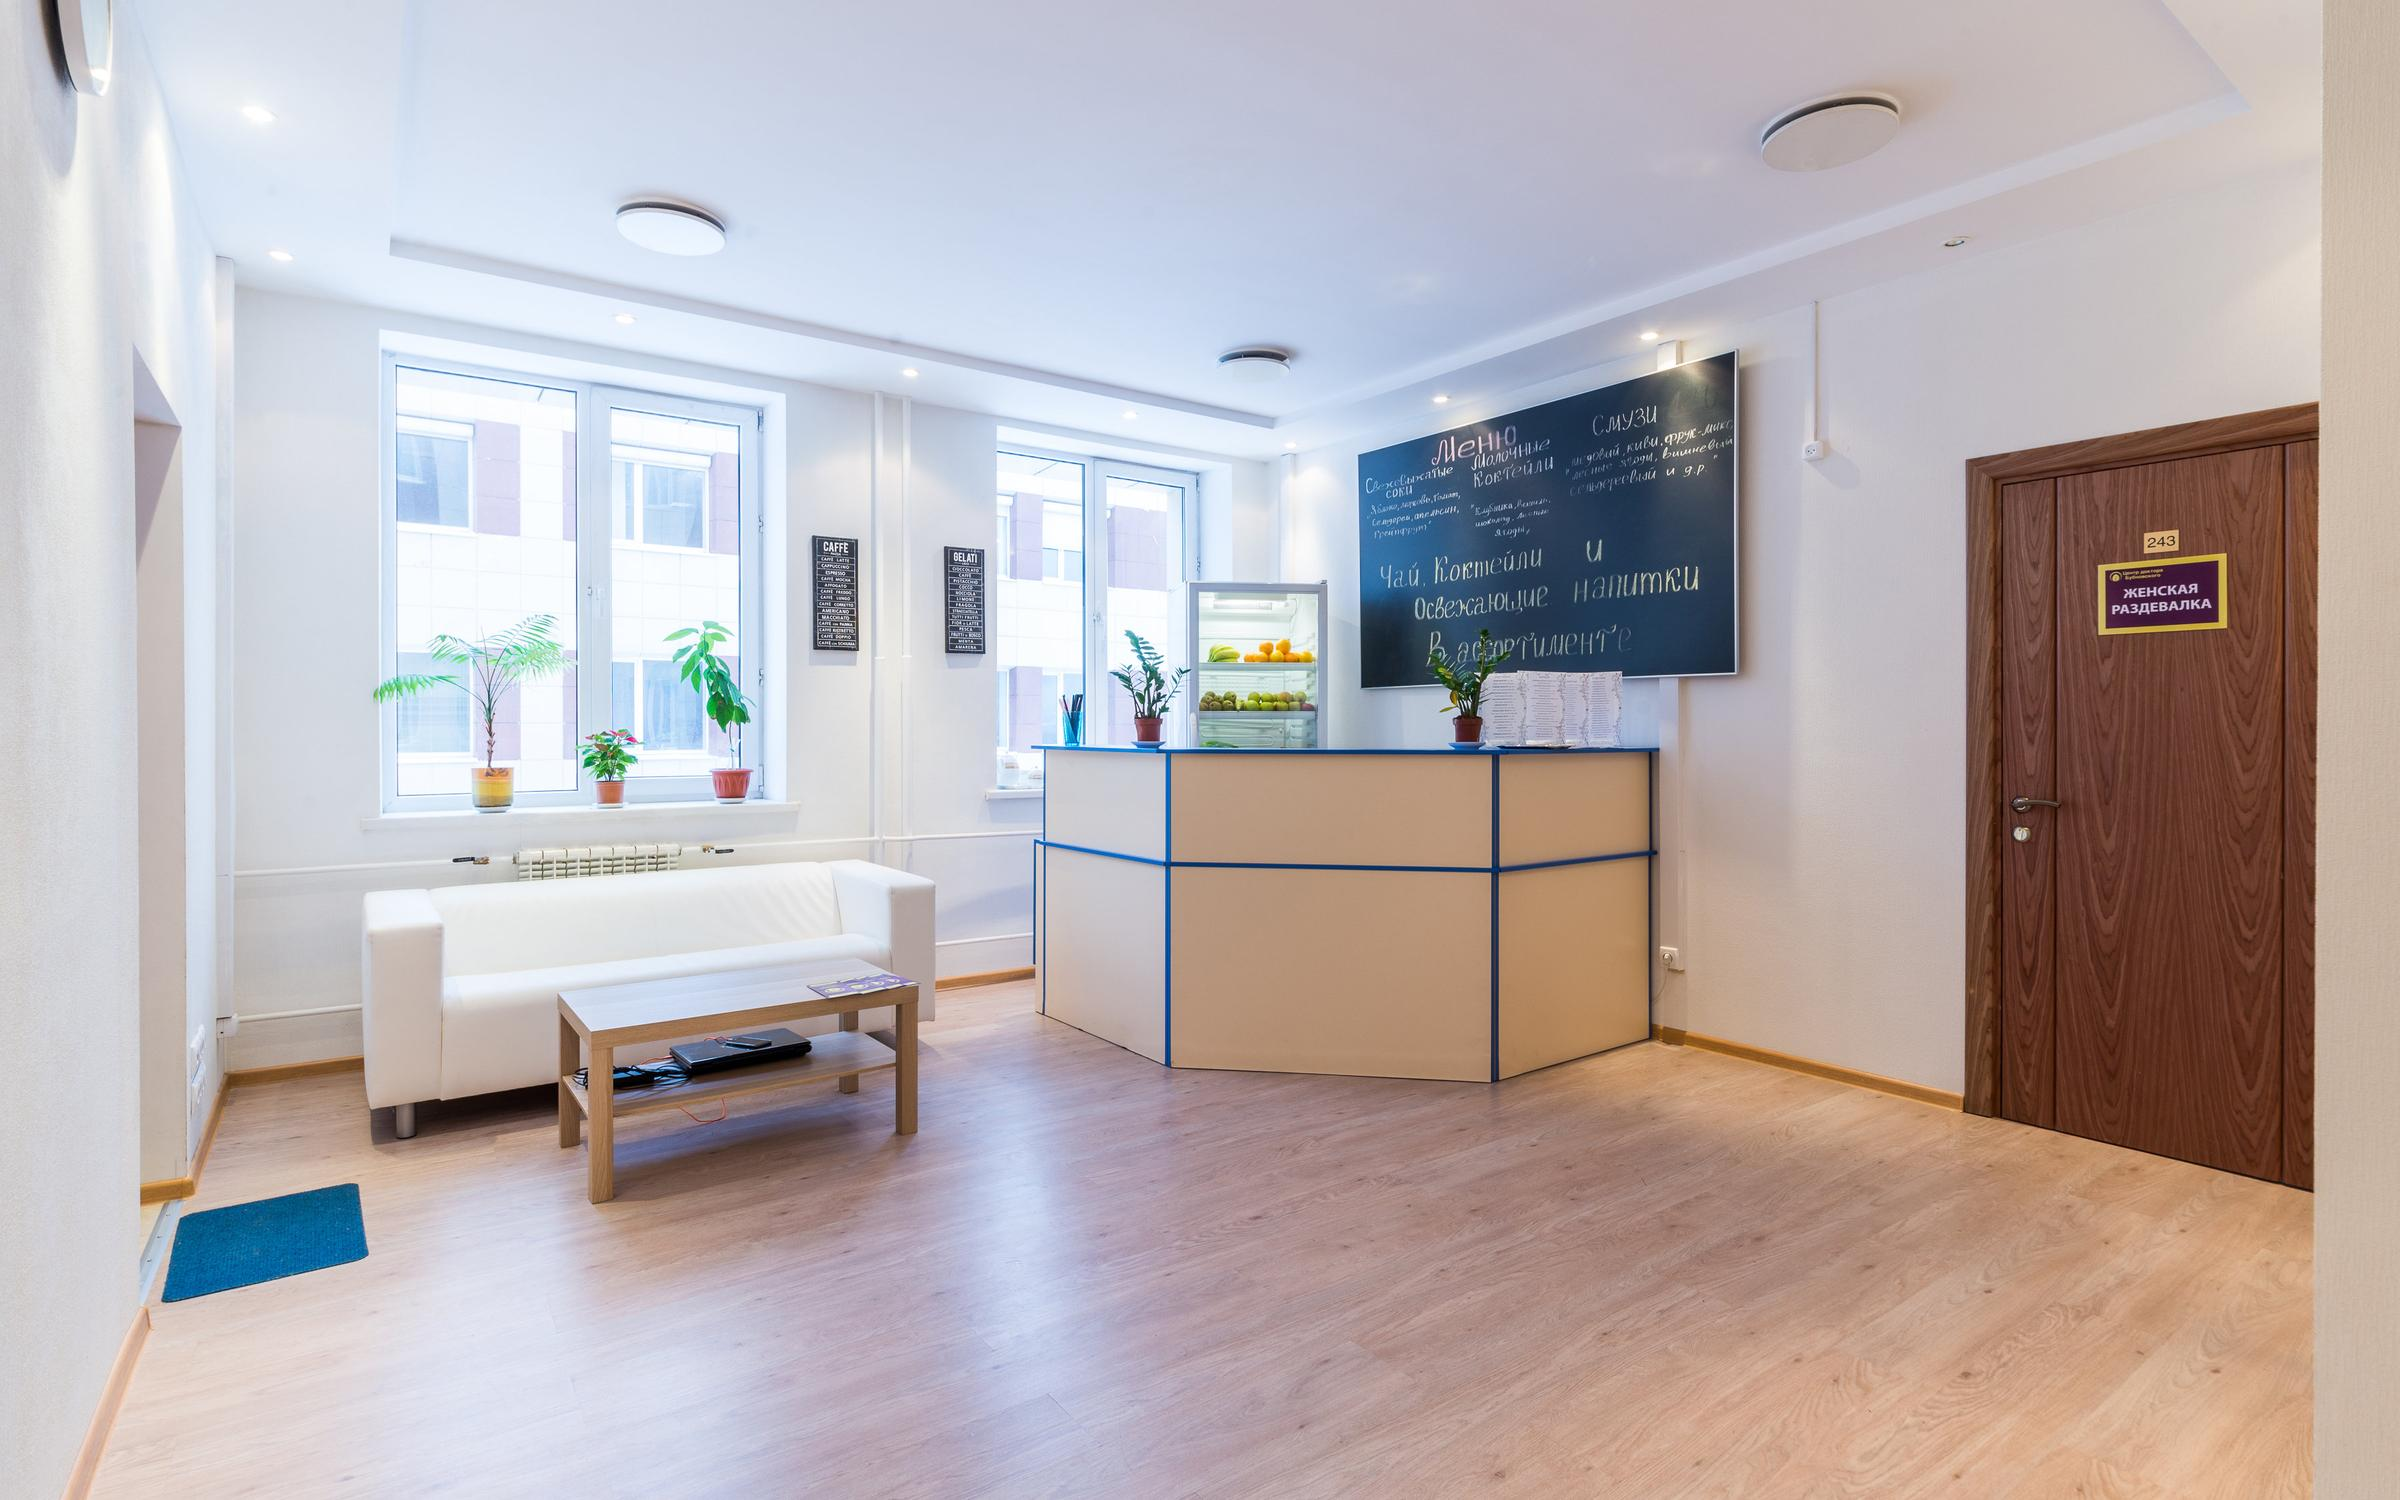 Клиника доктора С Бубновского в Москве адреса цены услуг